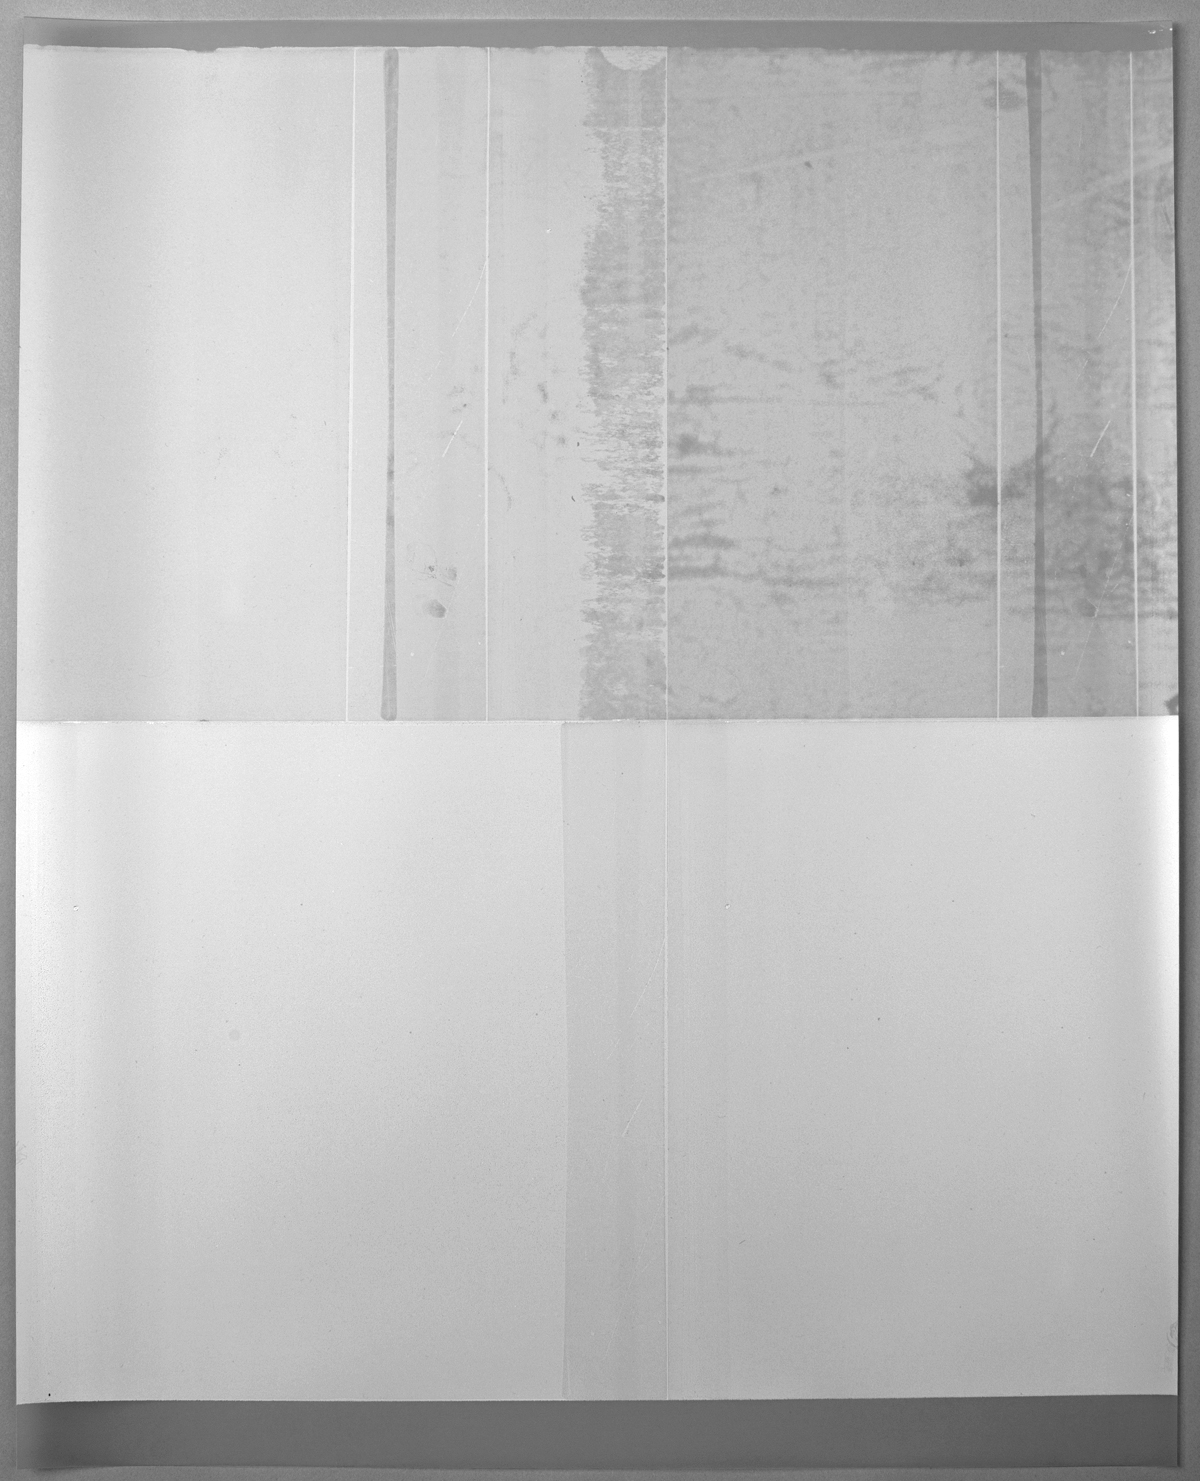 """Jim Verburg,  Untitled (white, de la série reflected/repeated - light becomes form, the horizon rests into view),  2015, encre à base d'huile sur Mylar givré, 63.5 x 51 cm (25"""" x 20"""")"""